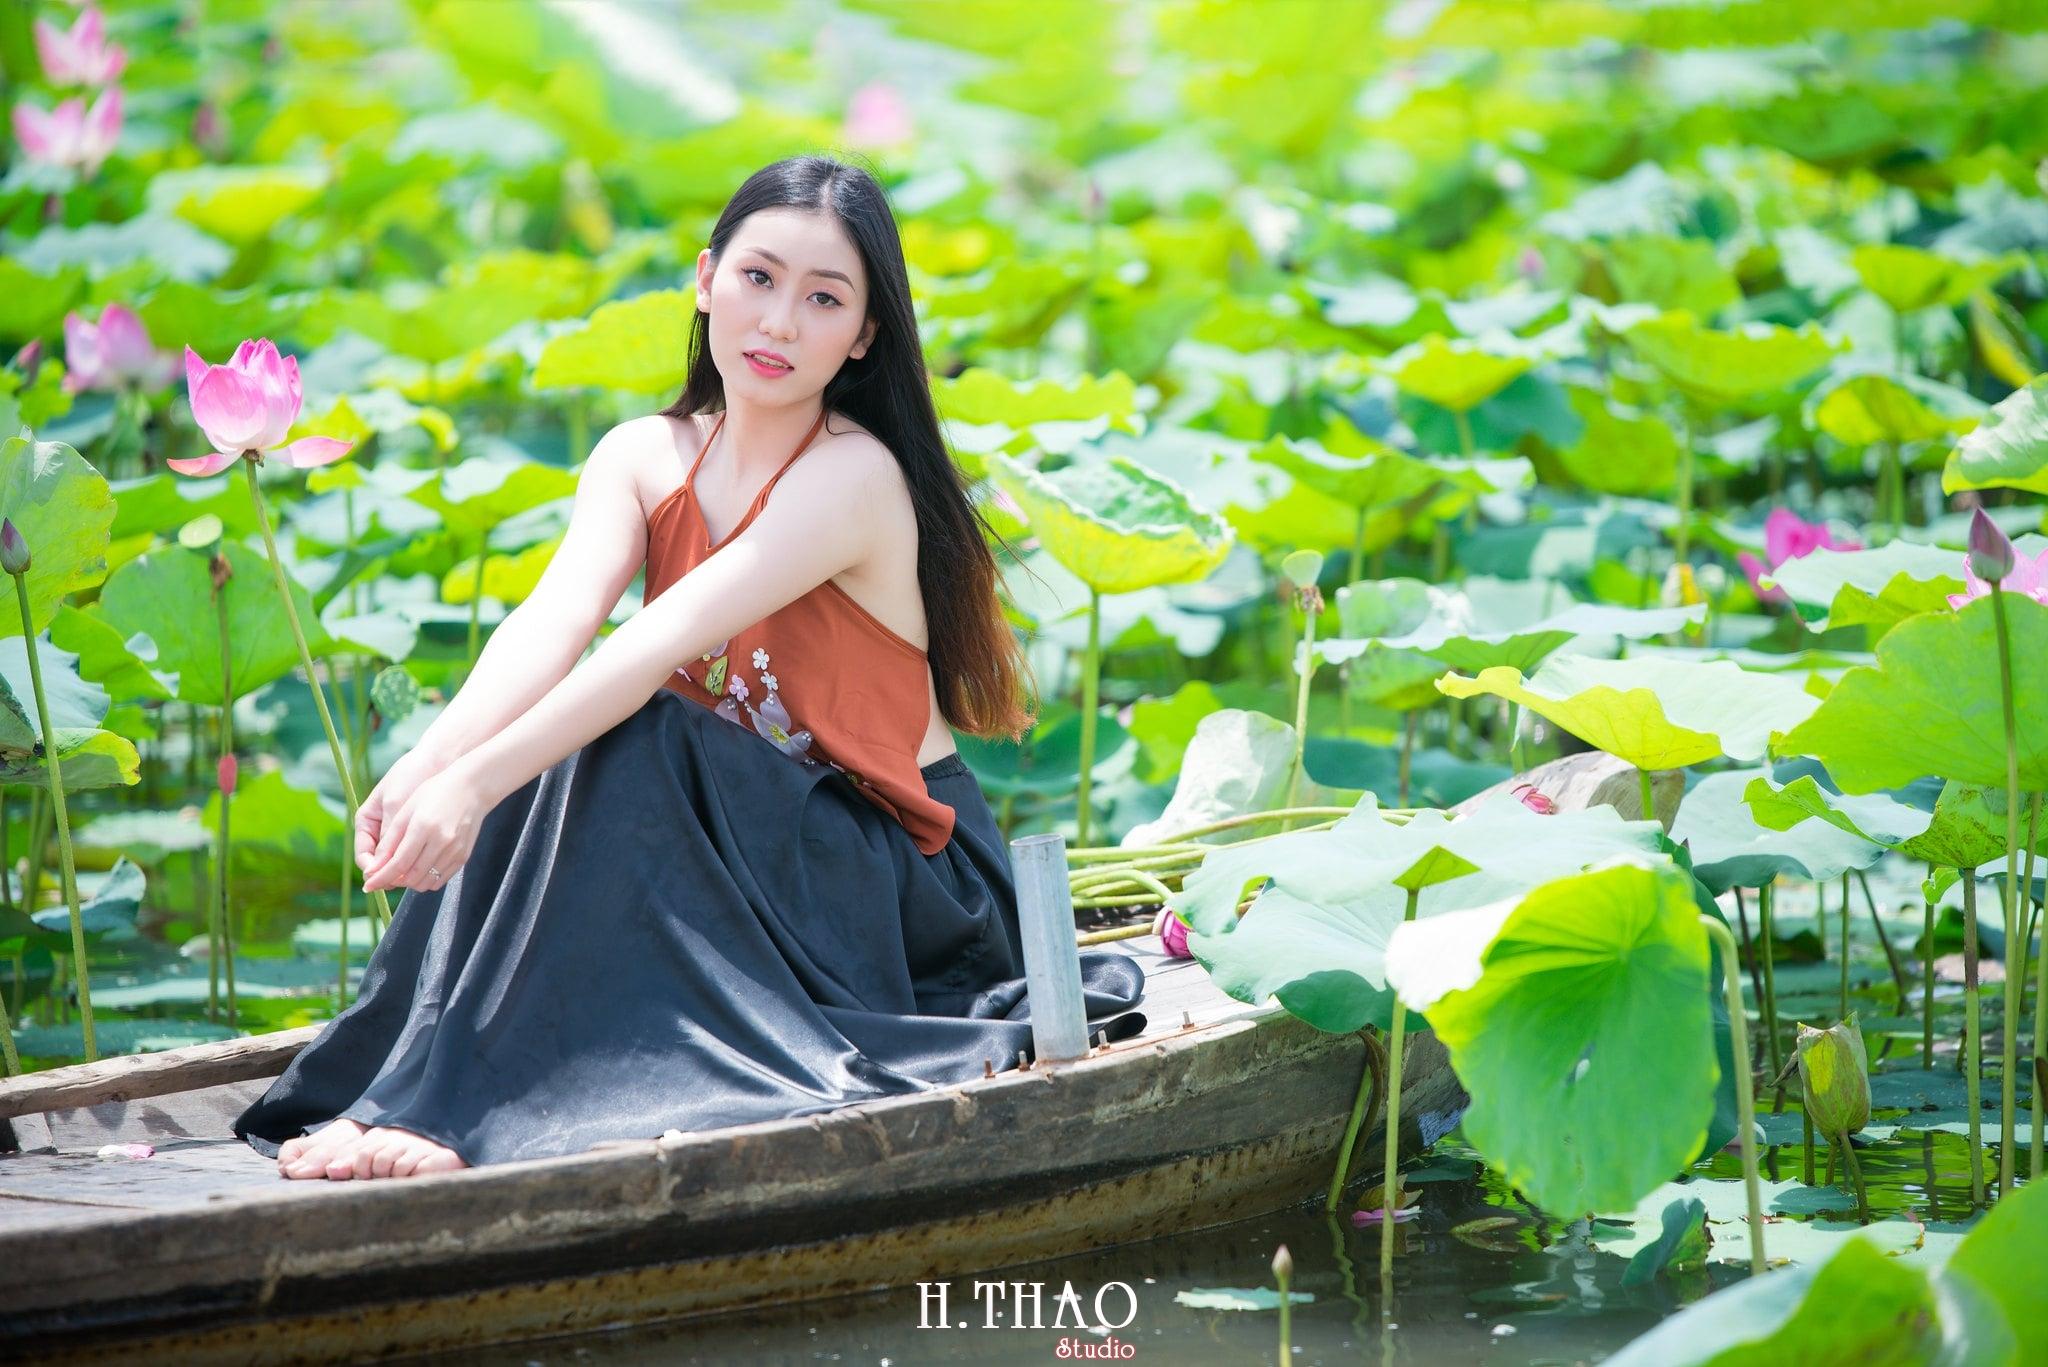 ao yem hoa sen 19 - Album ảnh chụp áo yếm với hoa sen đẹp dịu dàng - HThao Studio